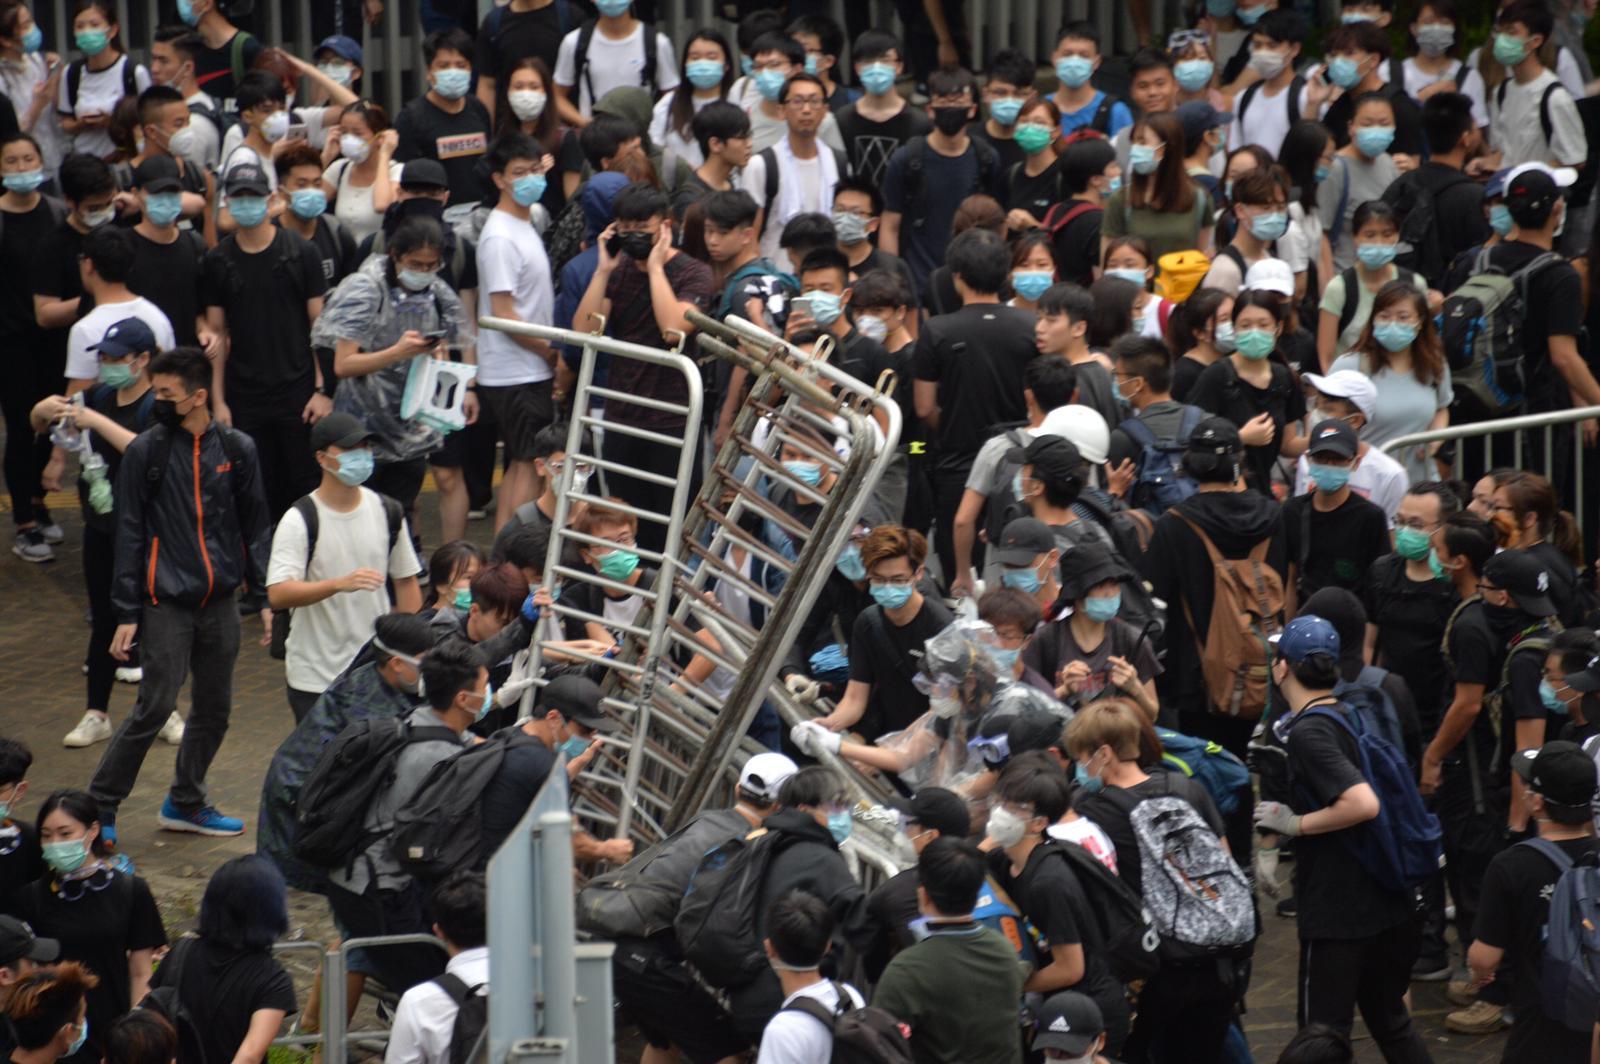 部分示威者身穿黑衣黑褲、戴上口罩及頭盔,架起鐵馬陣。